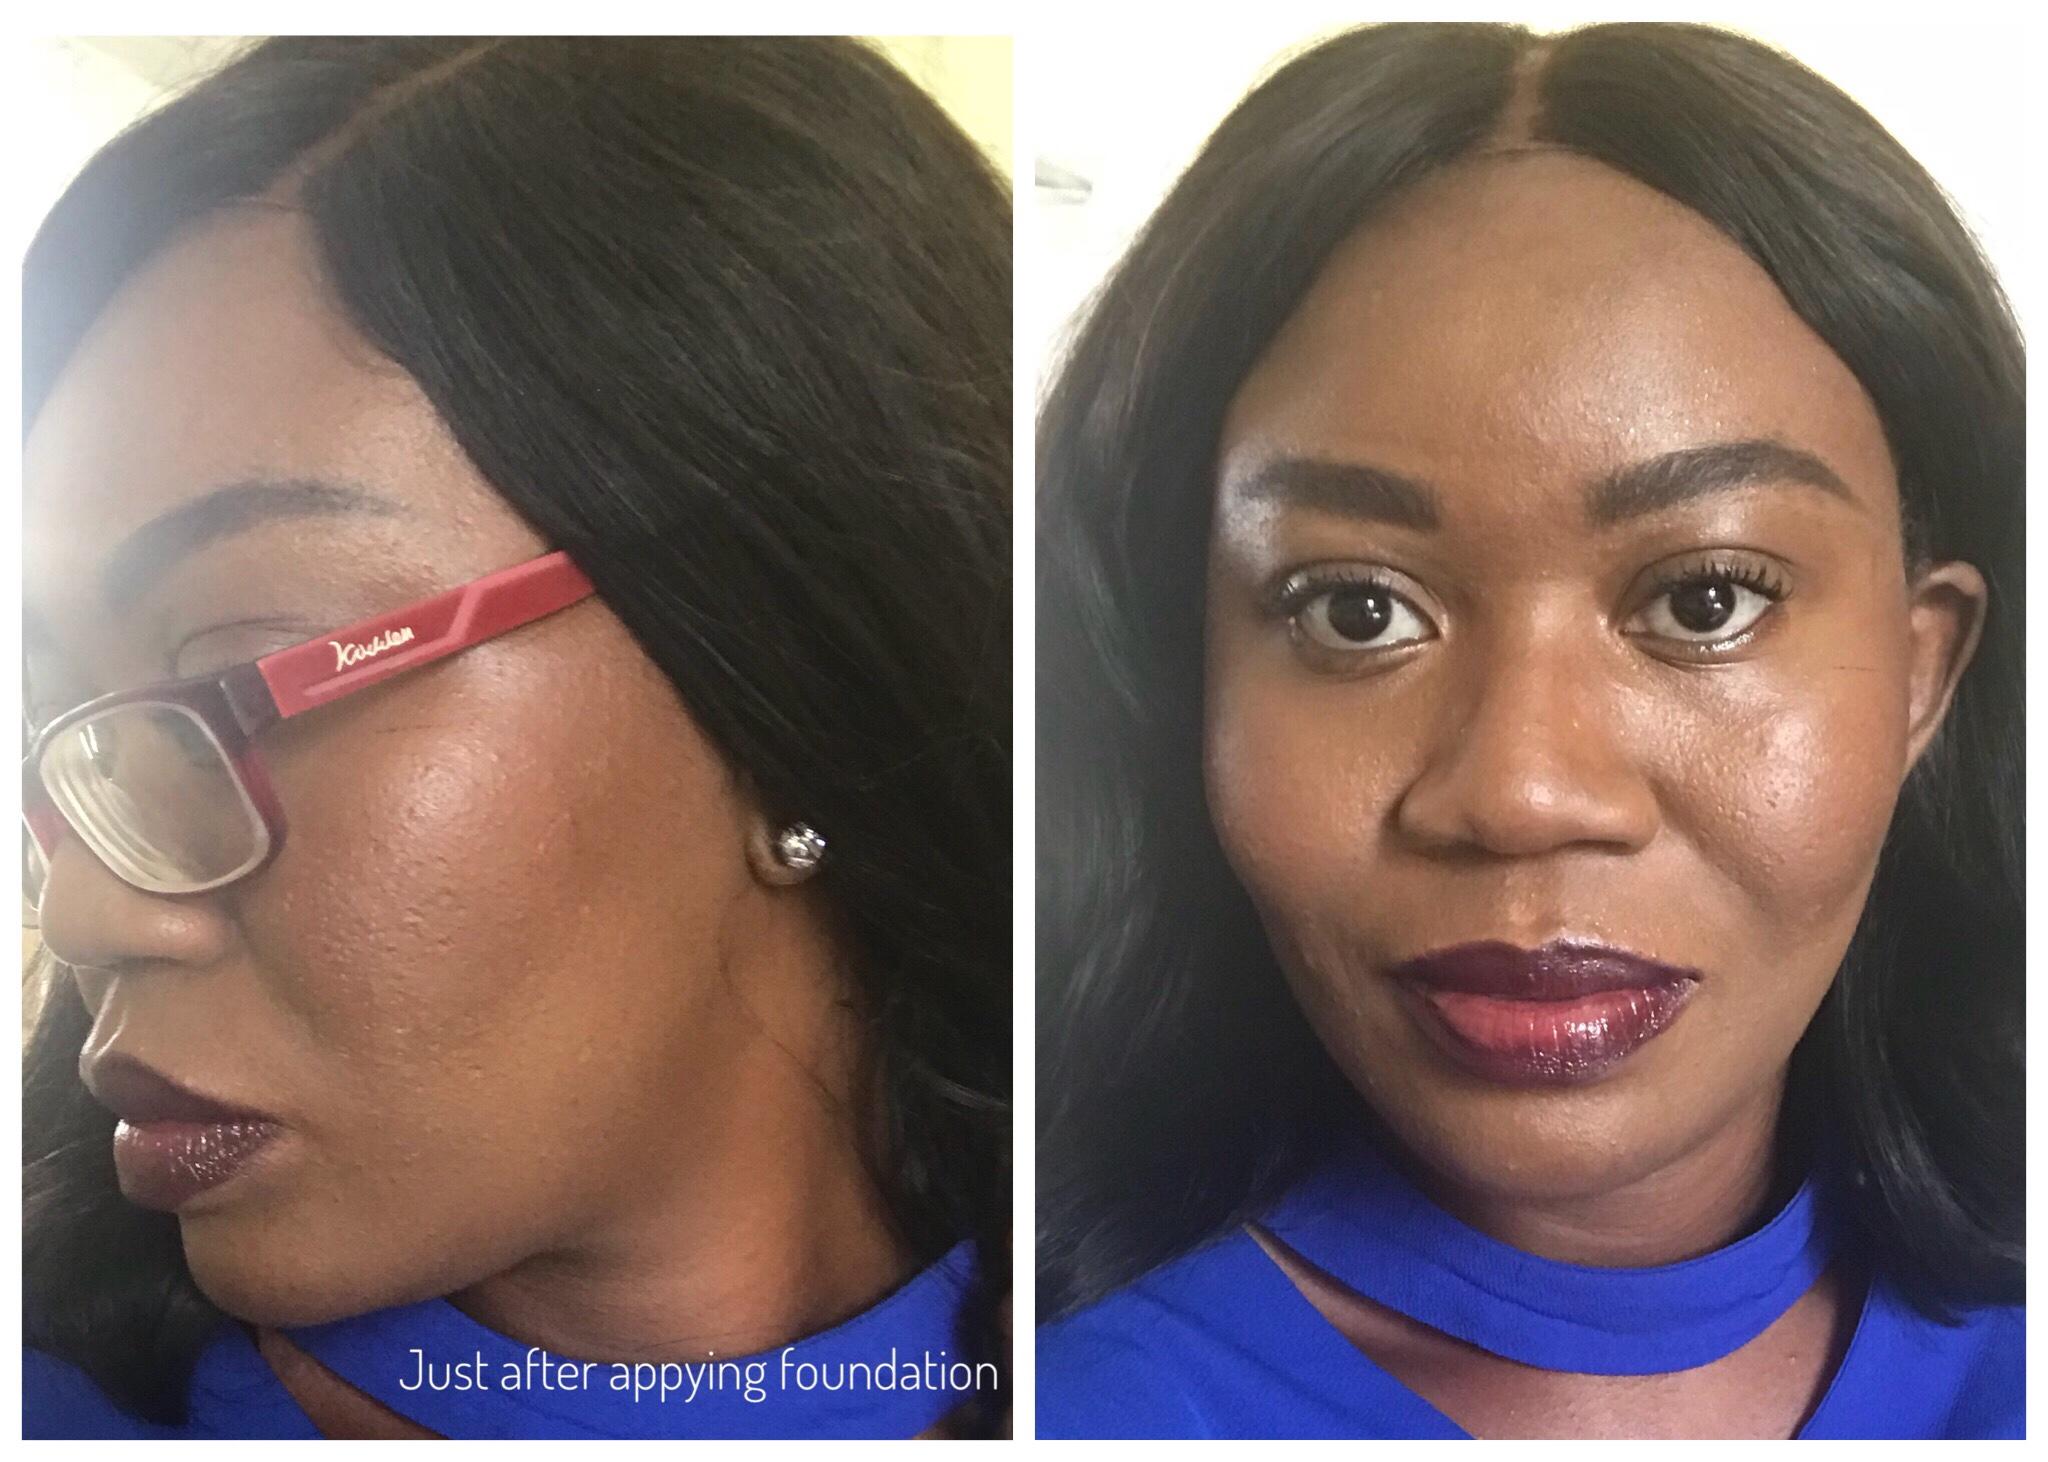 BLK/OPL True Color Pore Perfection Powder Foundation - Sheisnaturallybronze